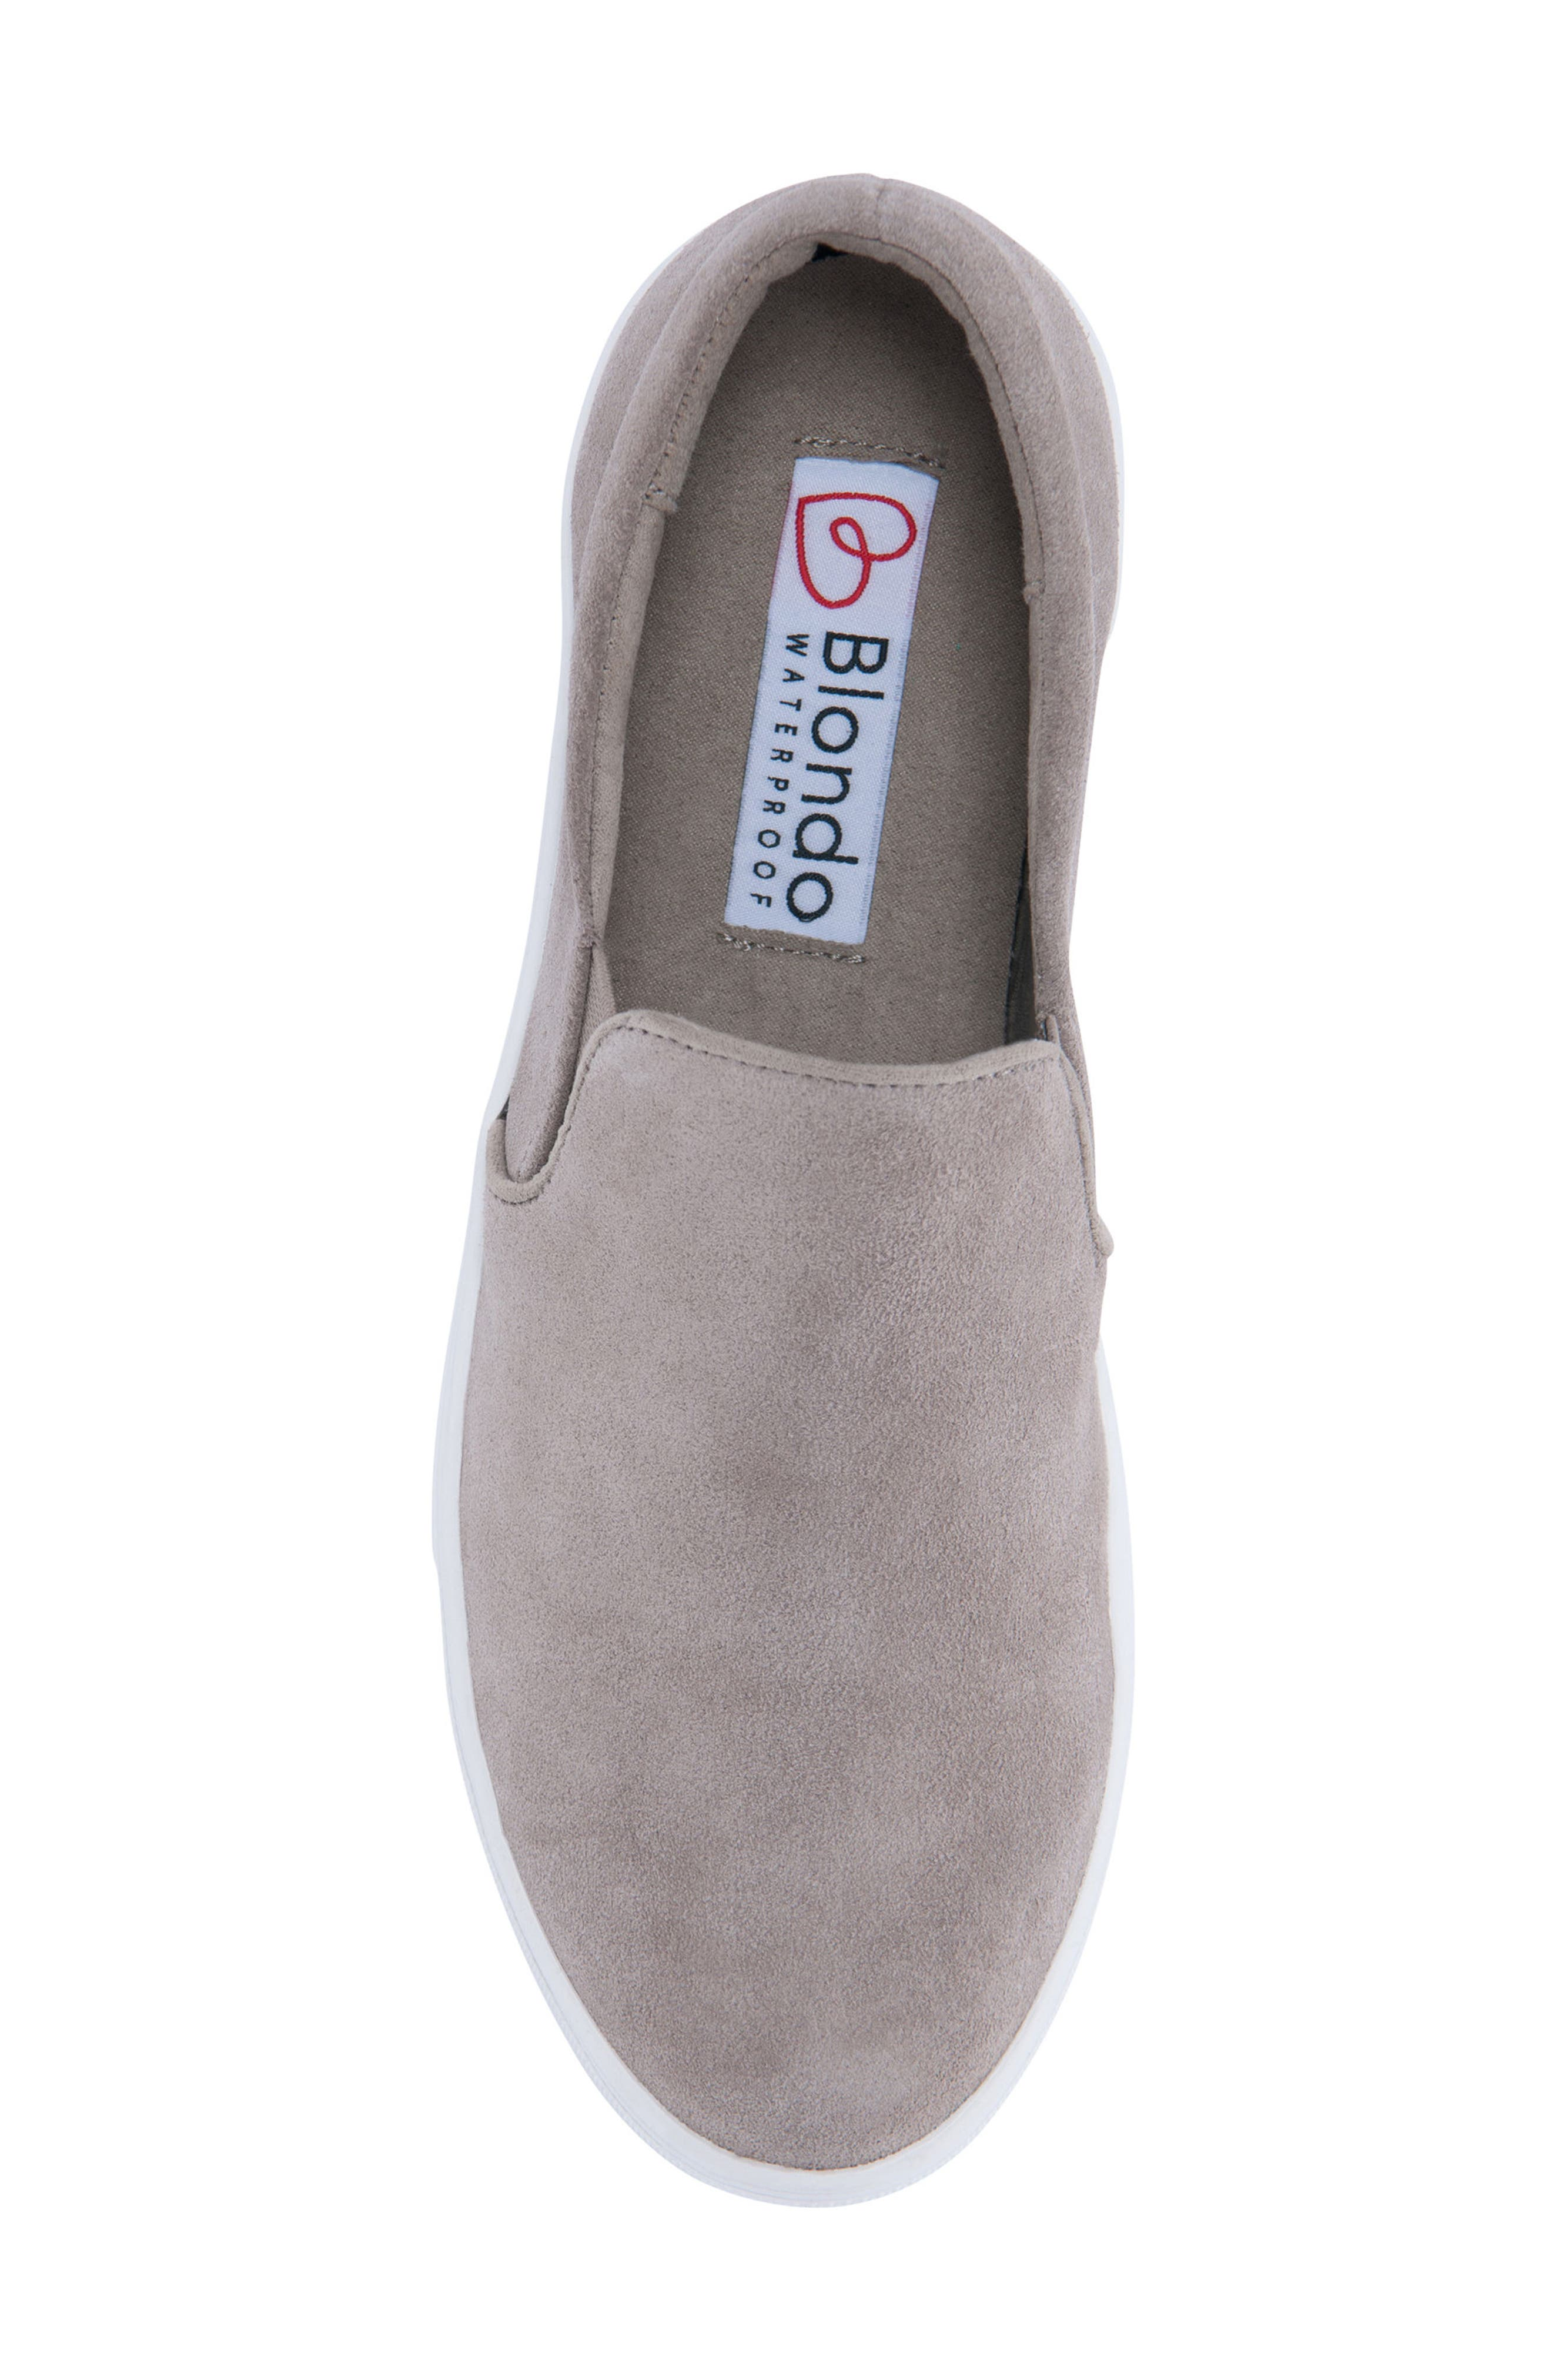 BLONDO, Gracie Waterproof Slip-On Sneaker, Alternate thumbnail 5, color, MUSHROOM SUEDE